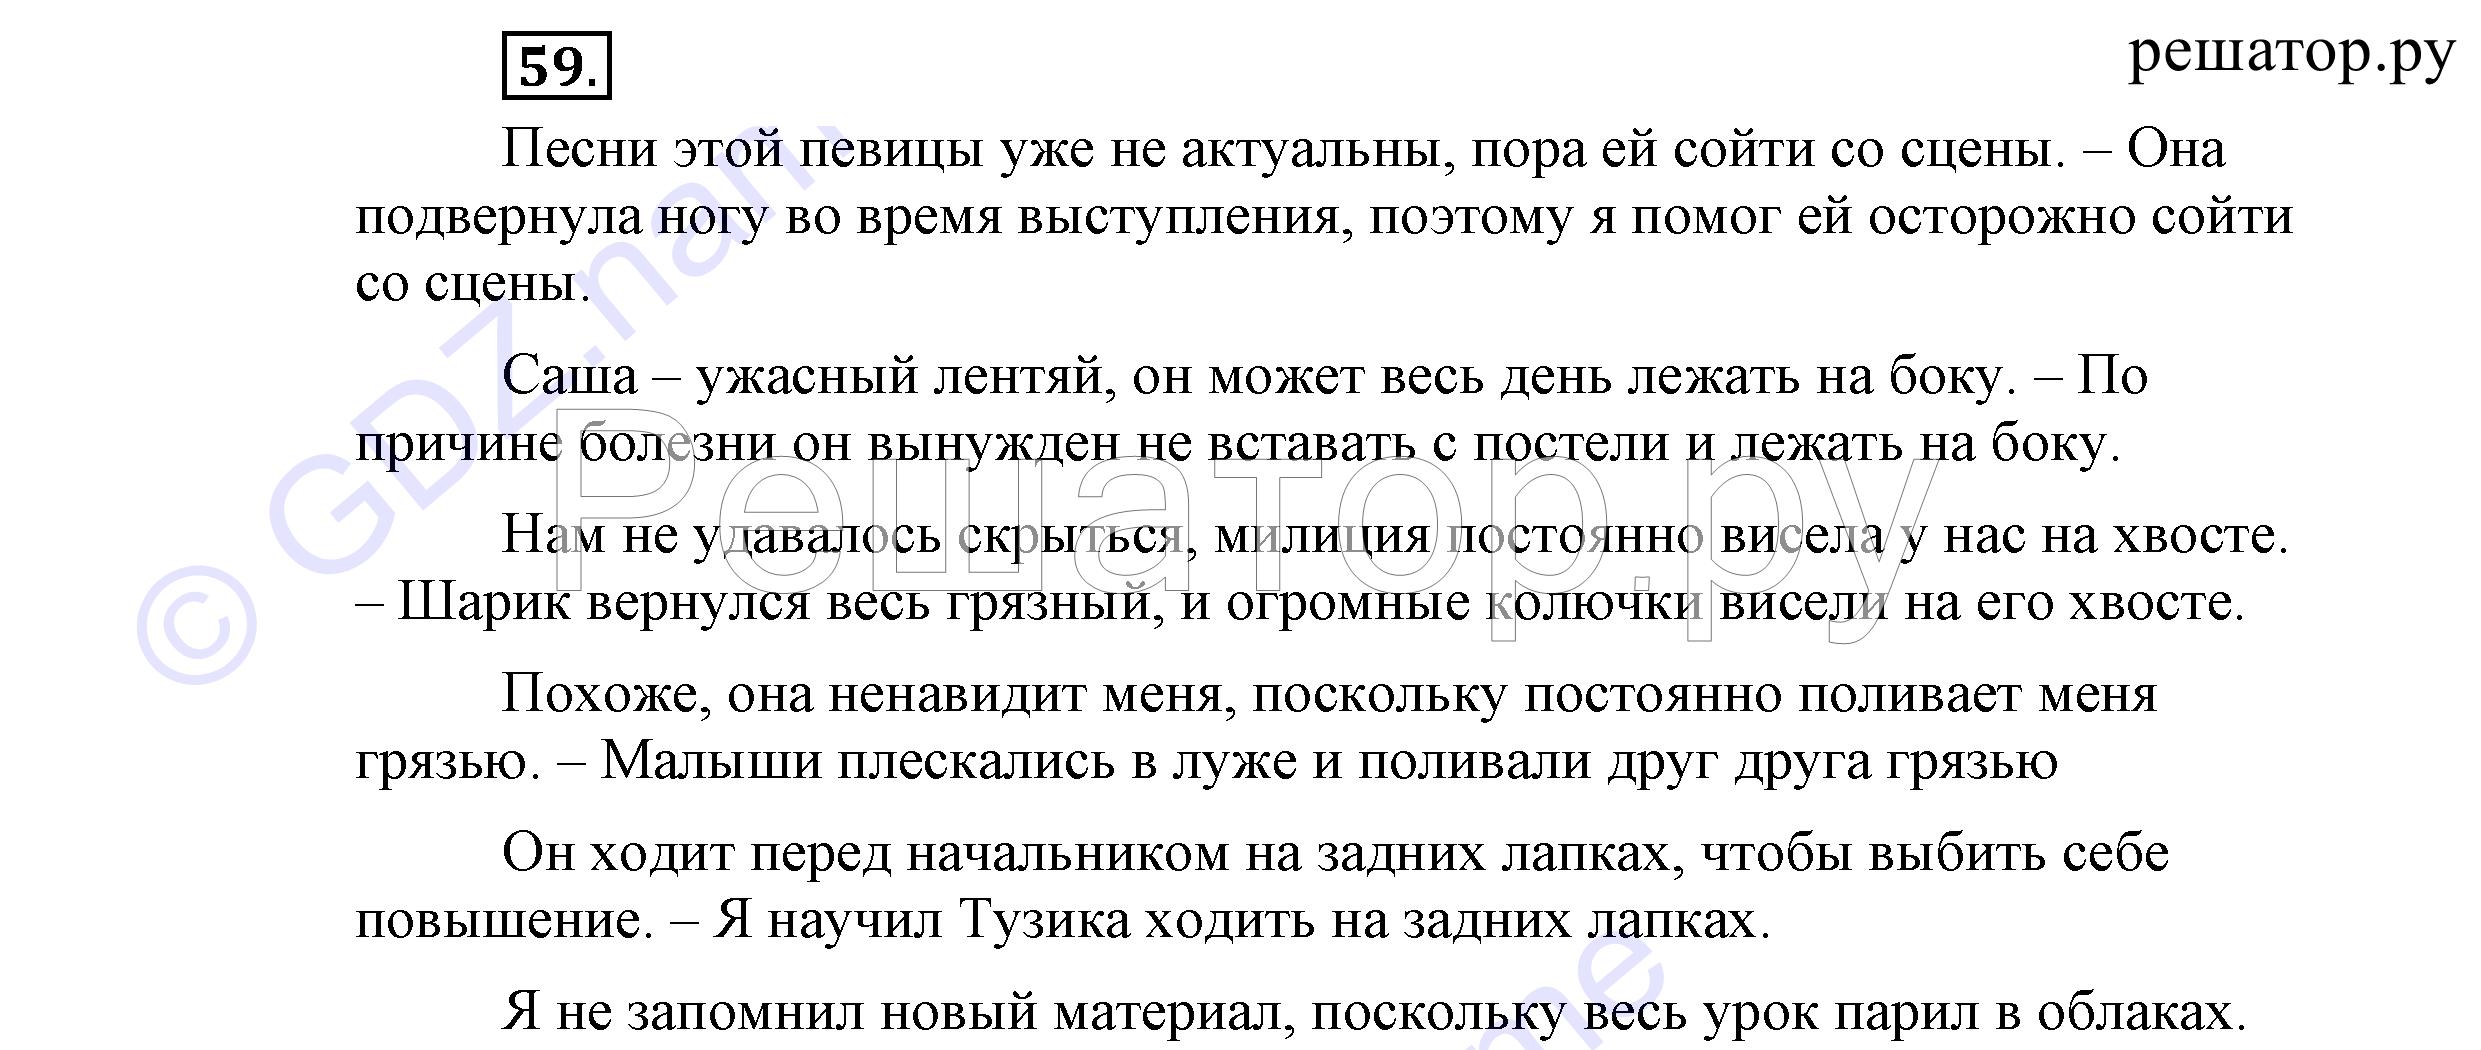 гдз по русскому 9 класс львов 494